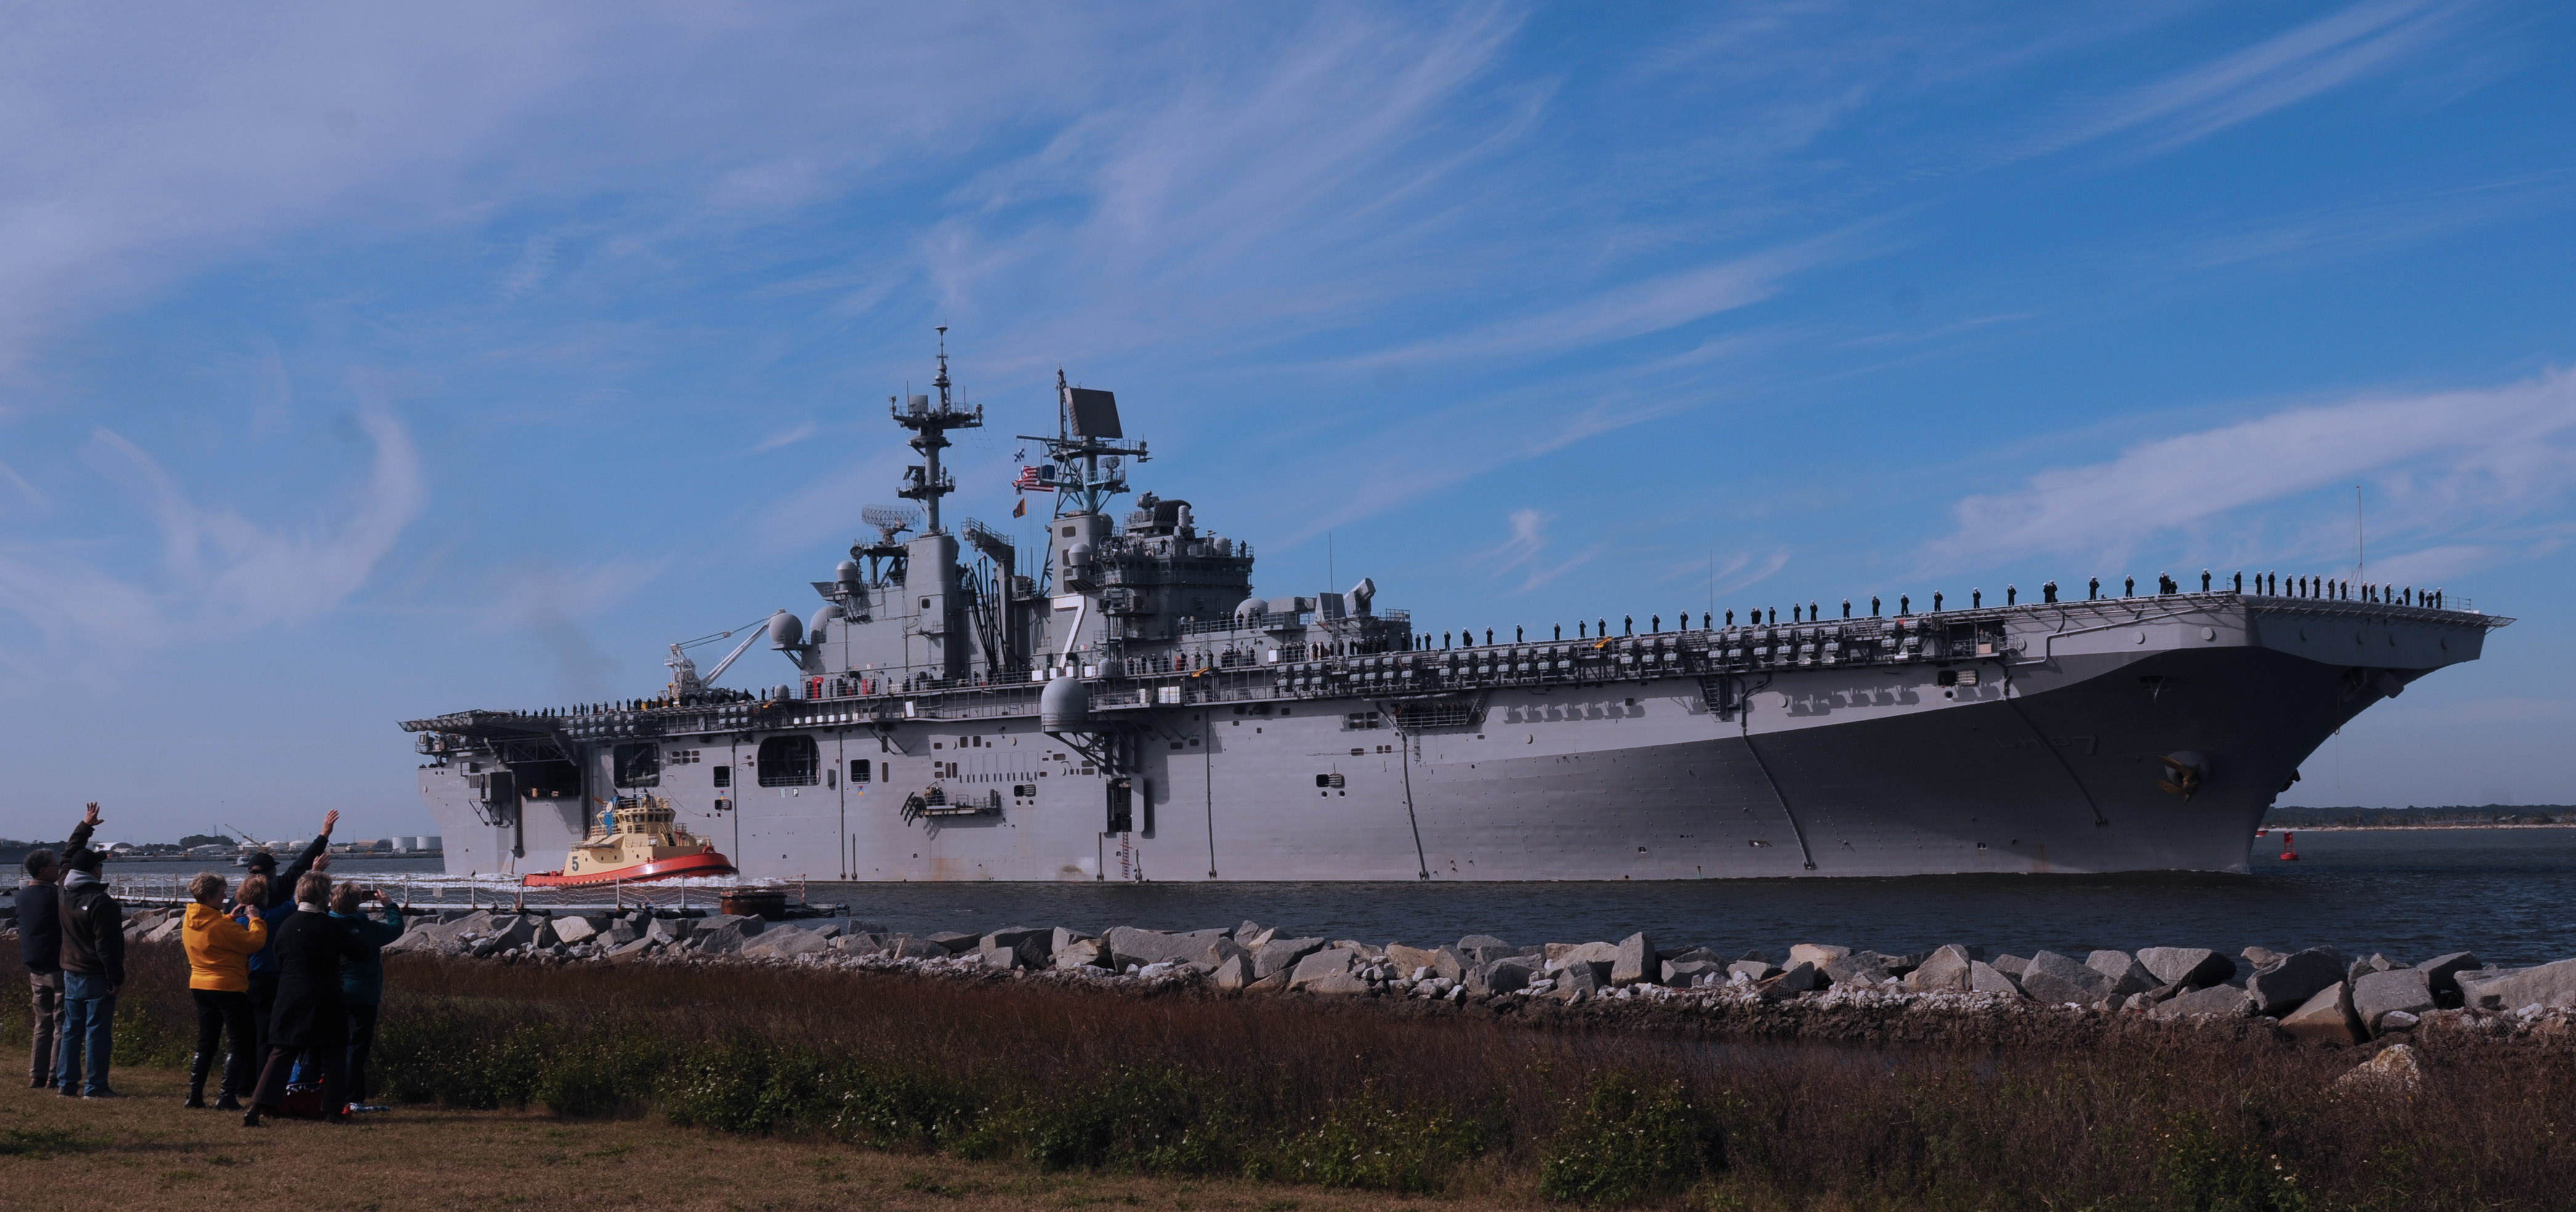 USS IWO JIMA LHD-7 Auslaufen Mayport am 11.12.2014 Bild: U.S. Navy